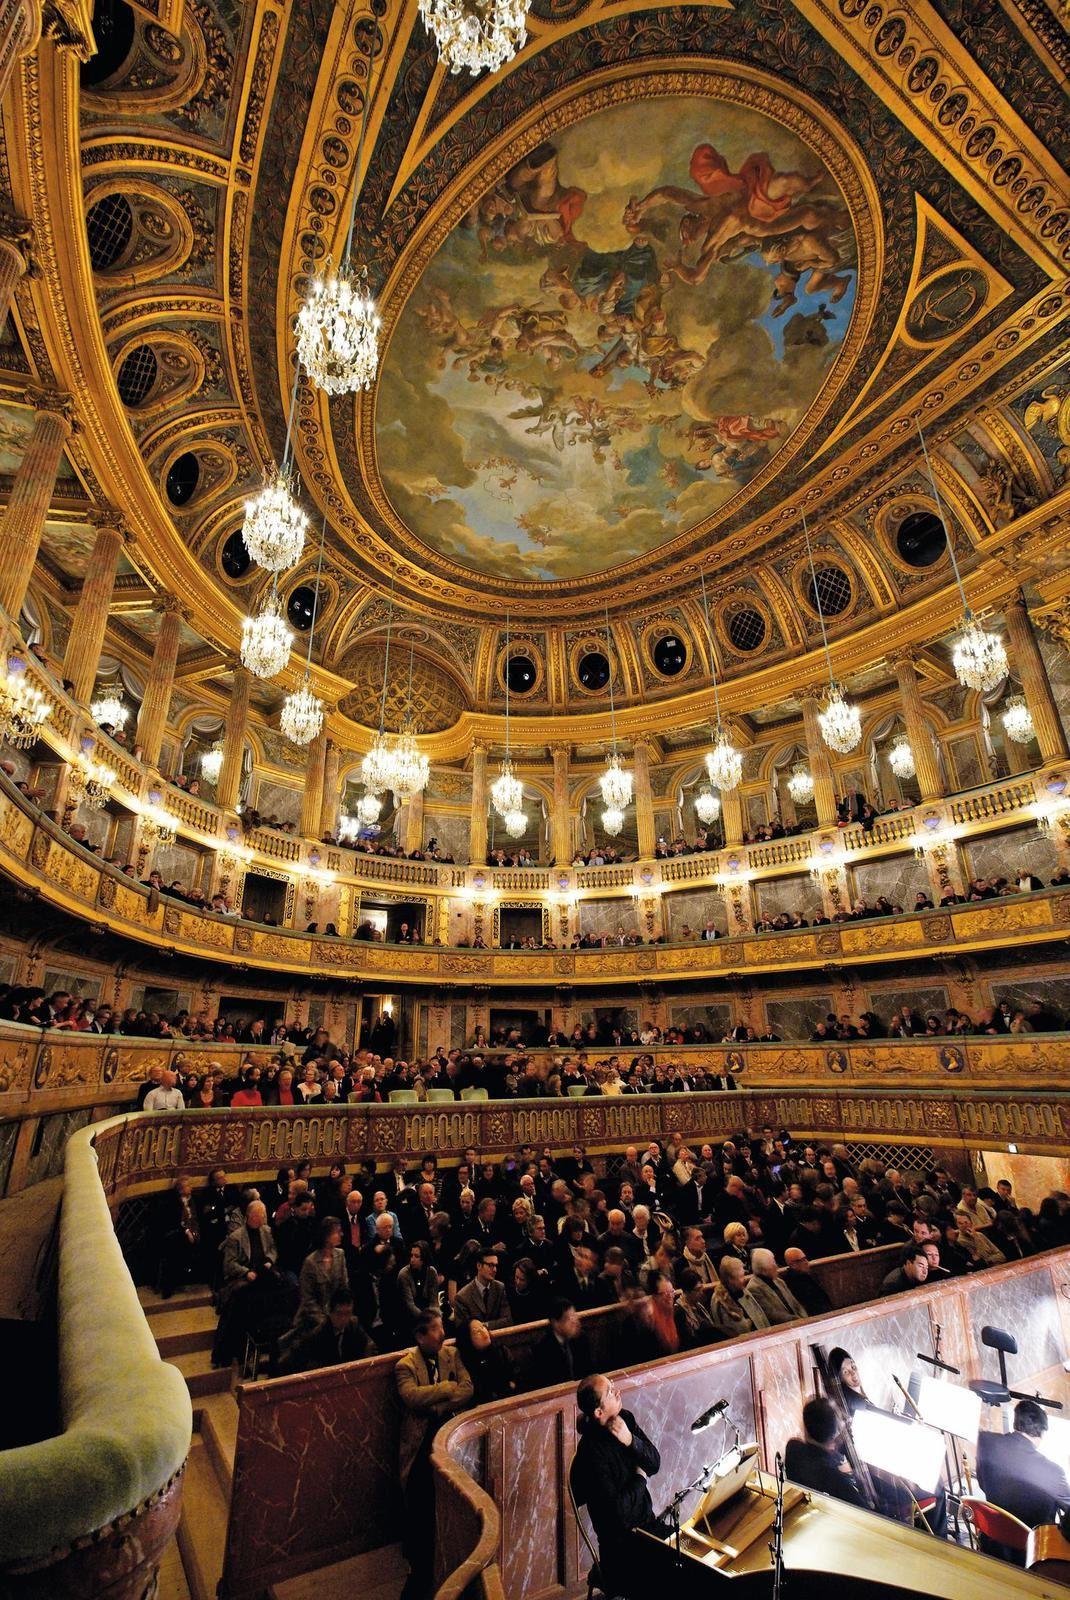 Le 11 novembre en Eurovision, concert pour la paix depuis le château de Versailles : le programme.